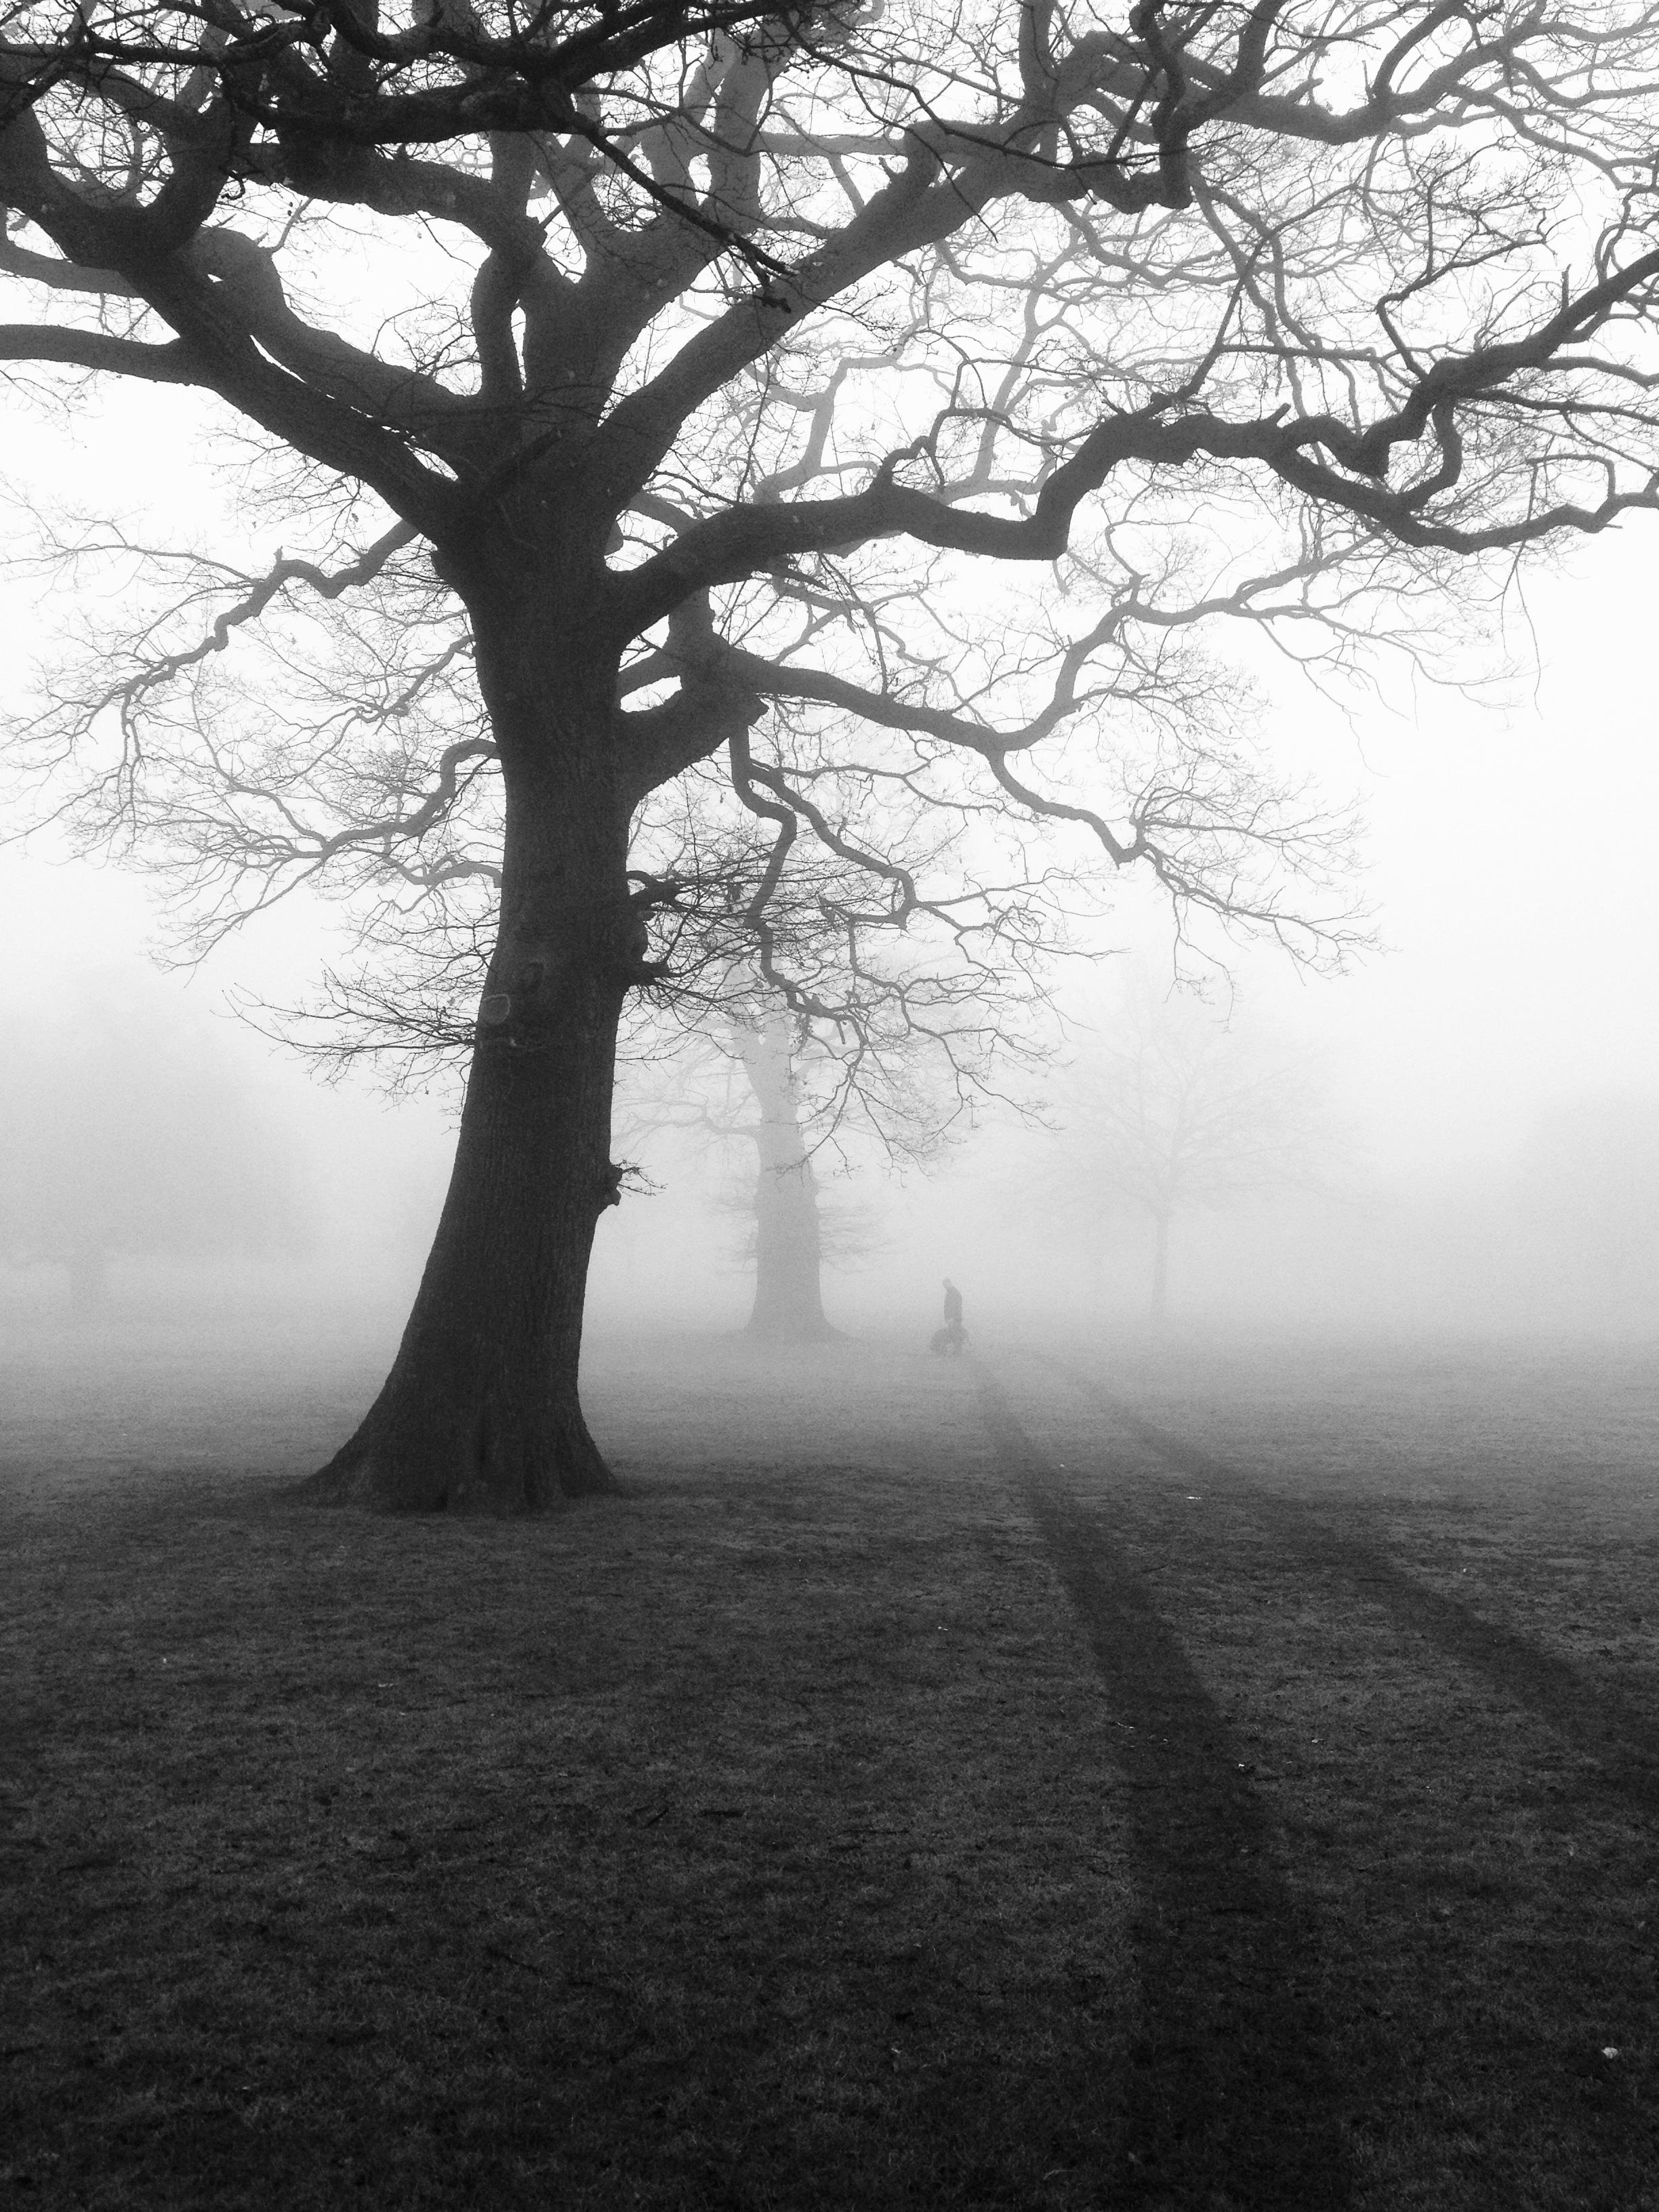 trees-mist-fog-eerie-51000.jpeg (2448×3264)